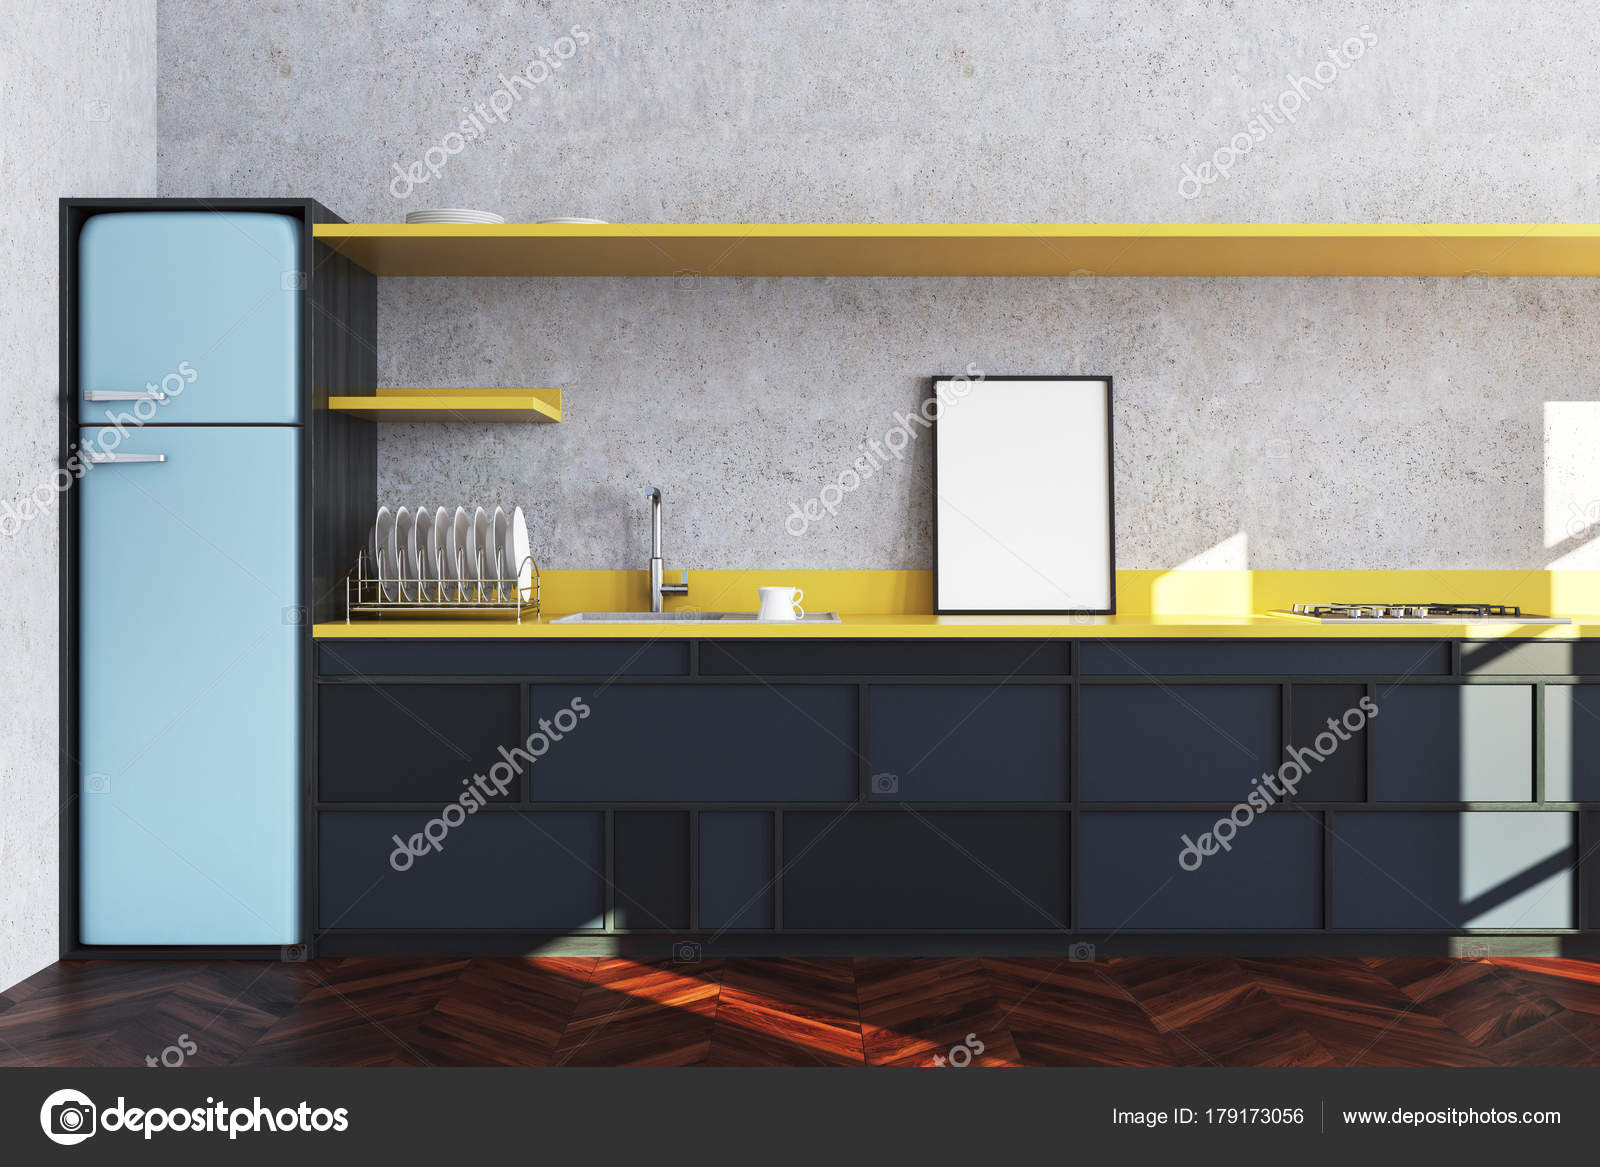 Konkrete Küche, schwarze Arbeitsplatte, poster — Stockfoto ...